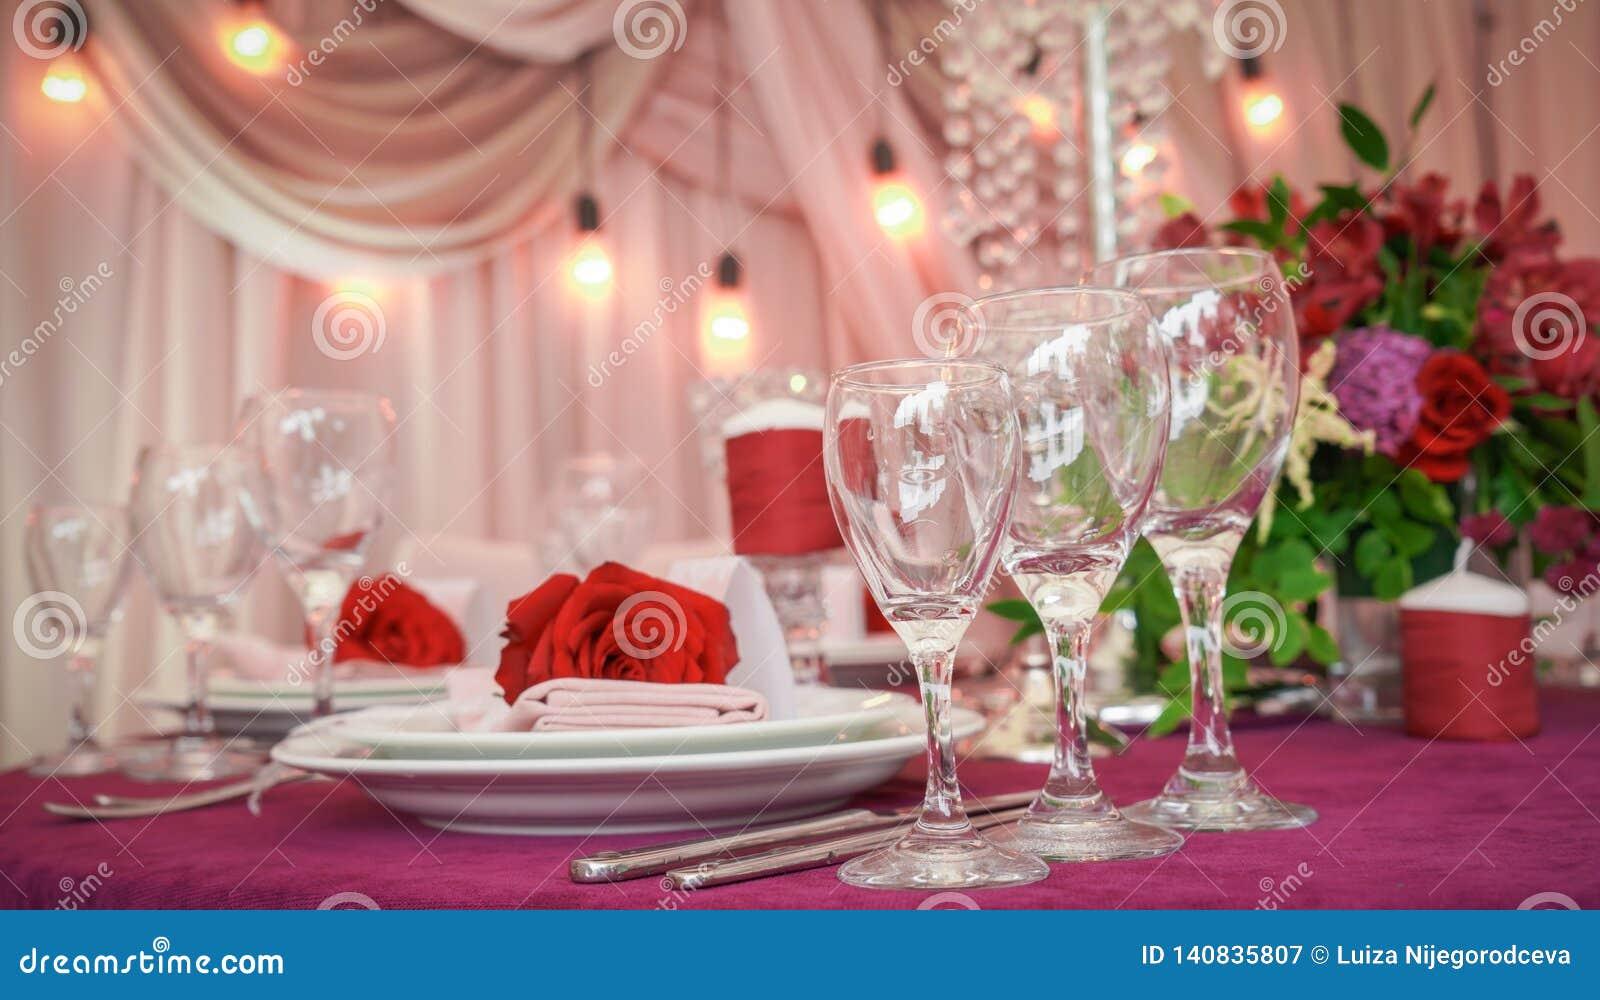 Festlicher Tischschmuck mit roten Blumen und Gläsern